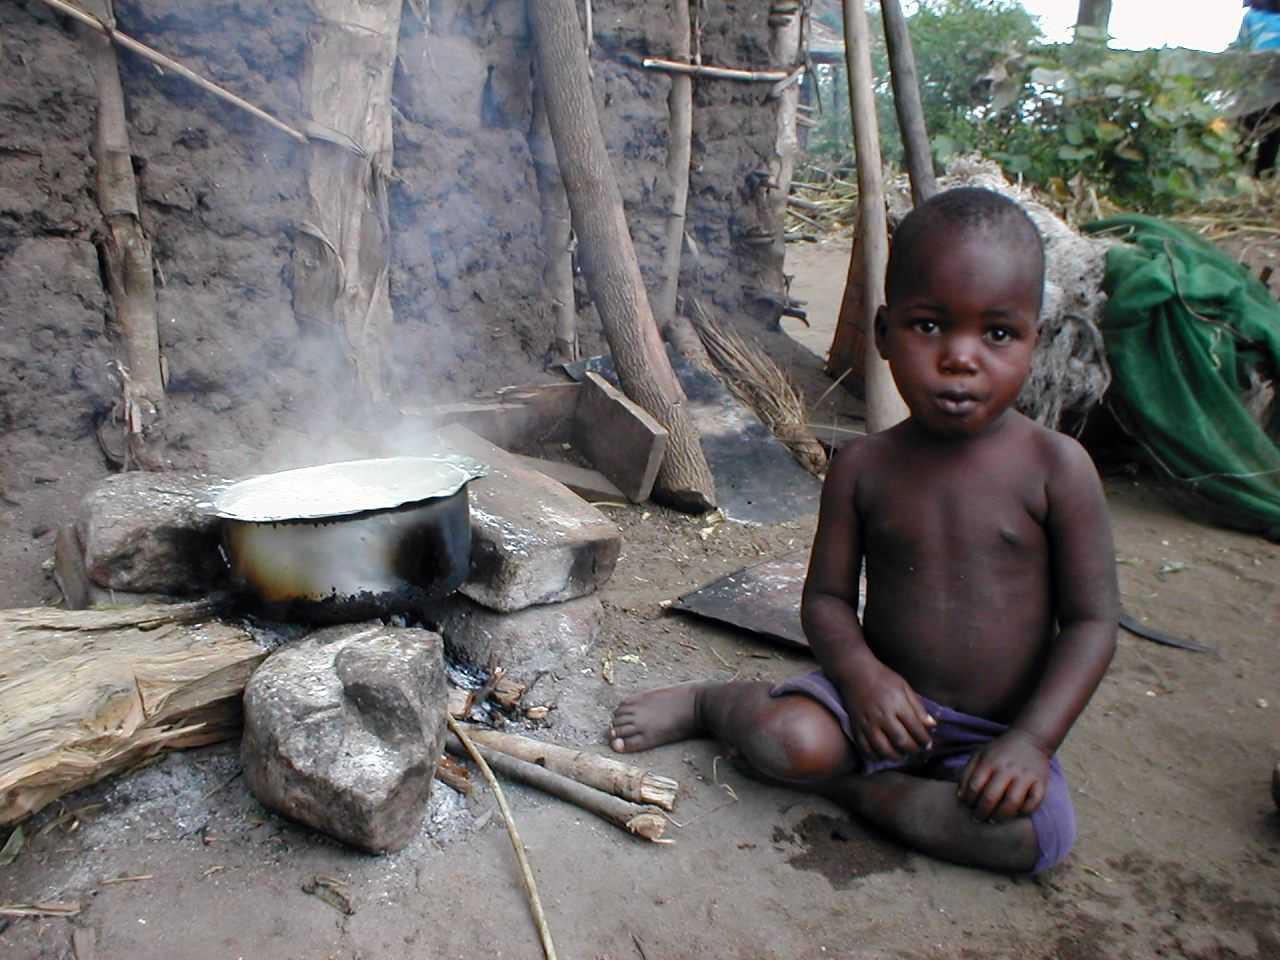 Pobreza en africa fotos 93